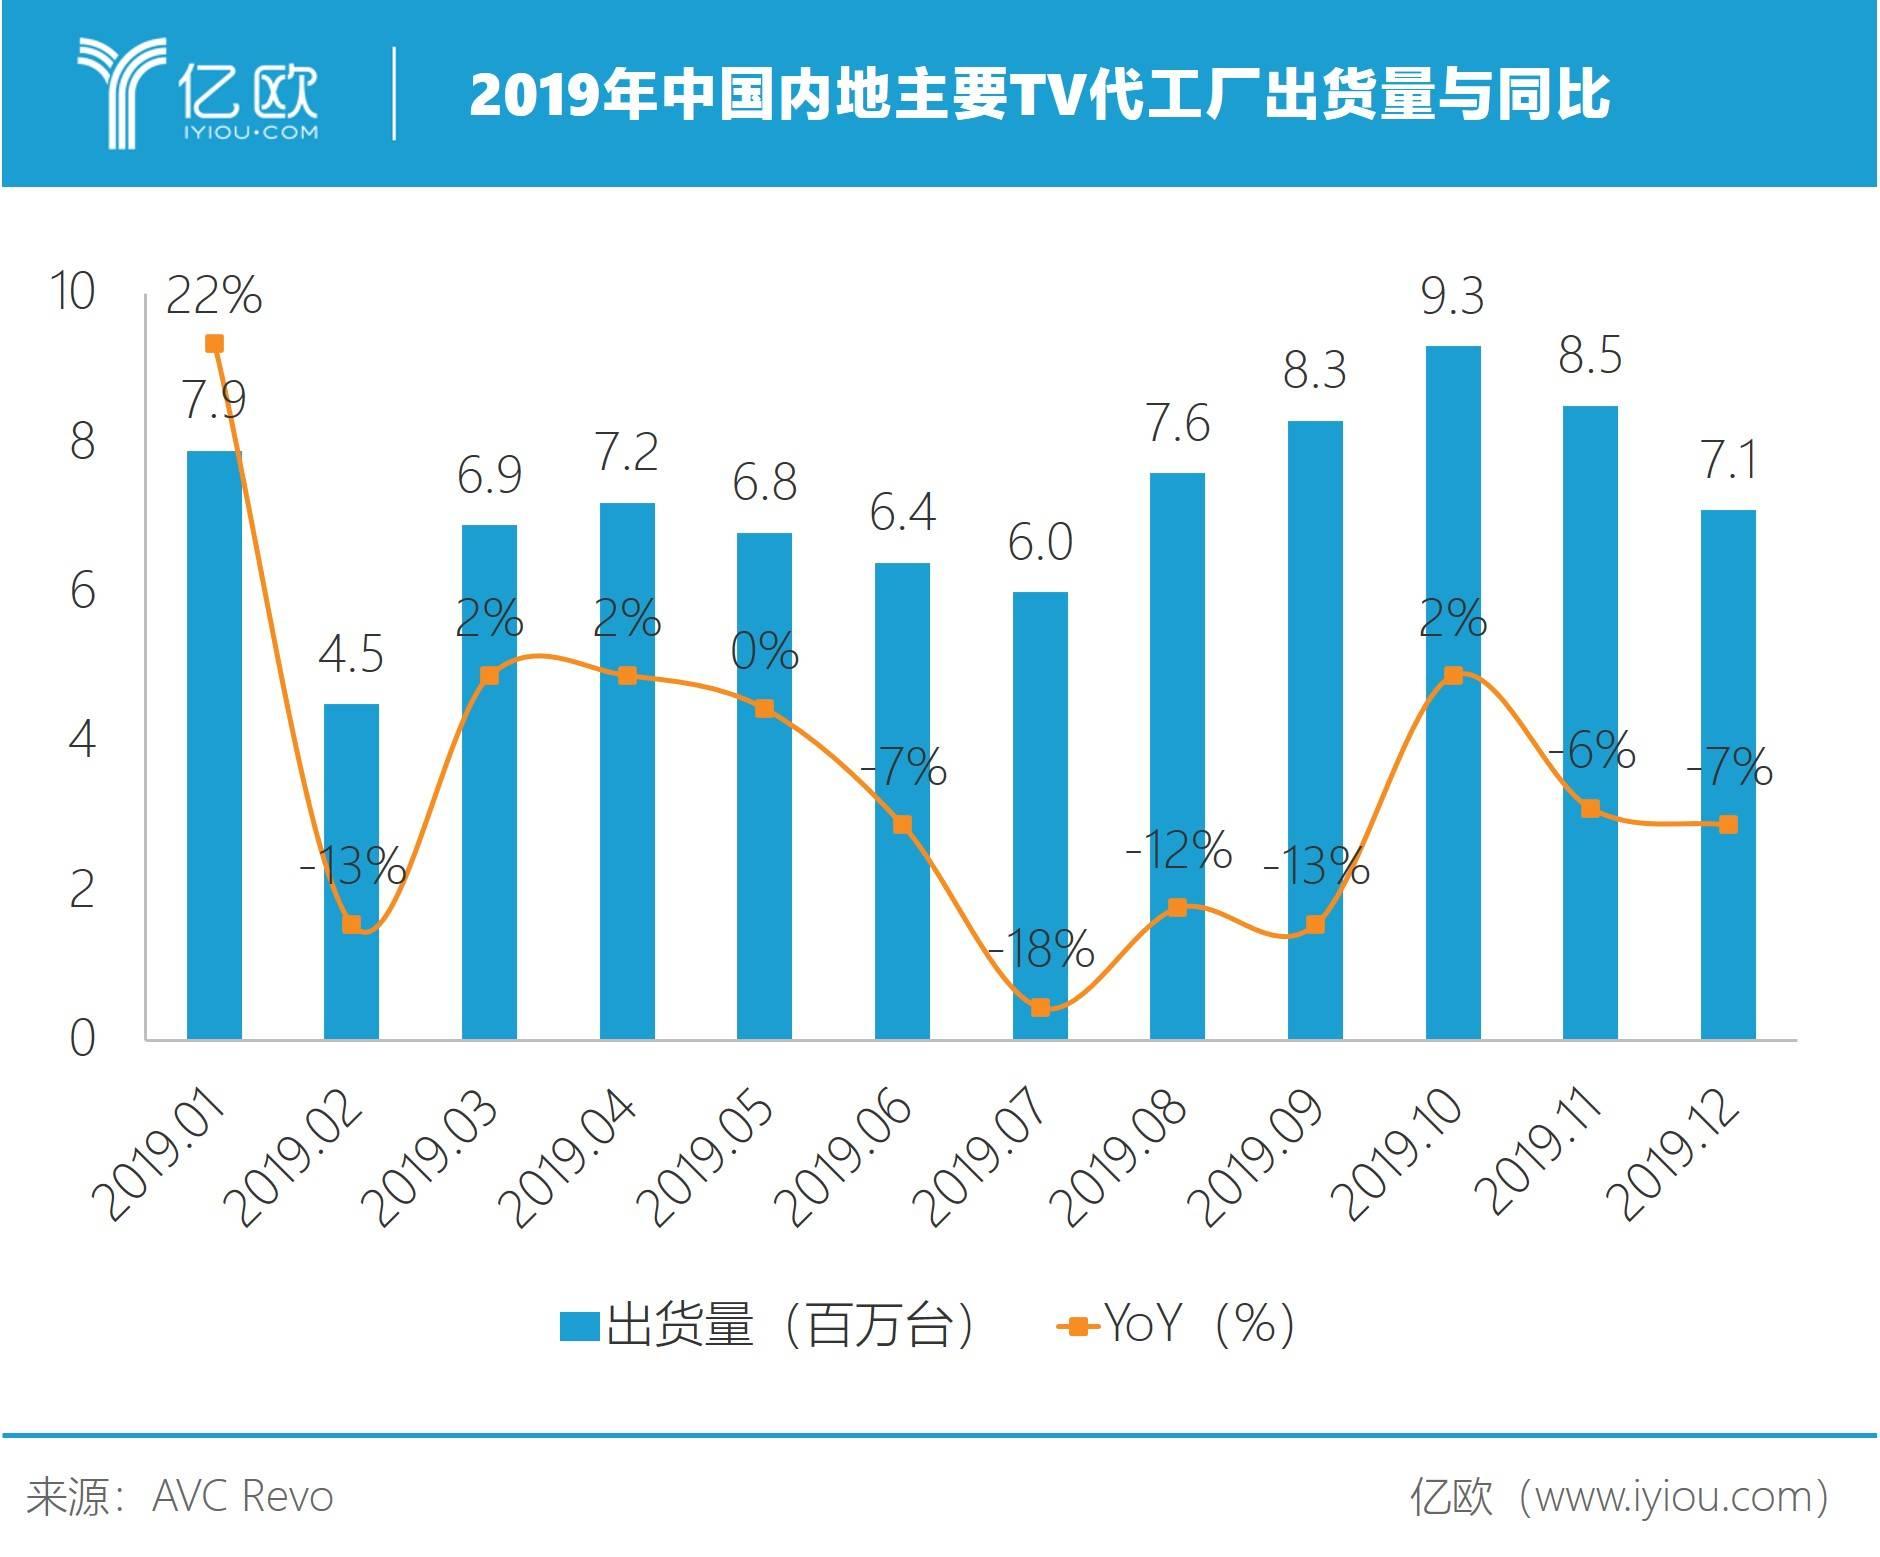 图2:2019年中国内地主要TV代工厂出货量与同比